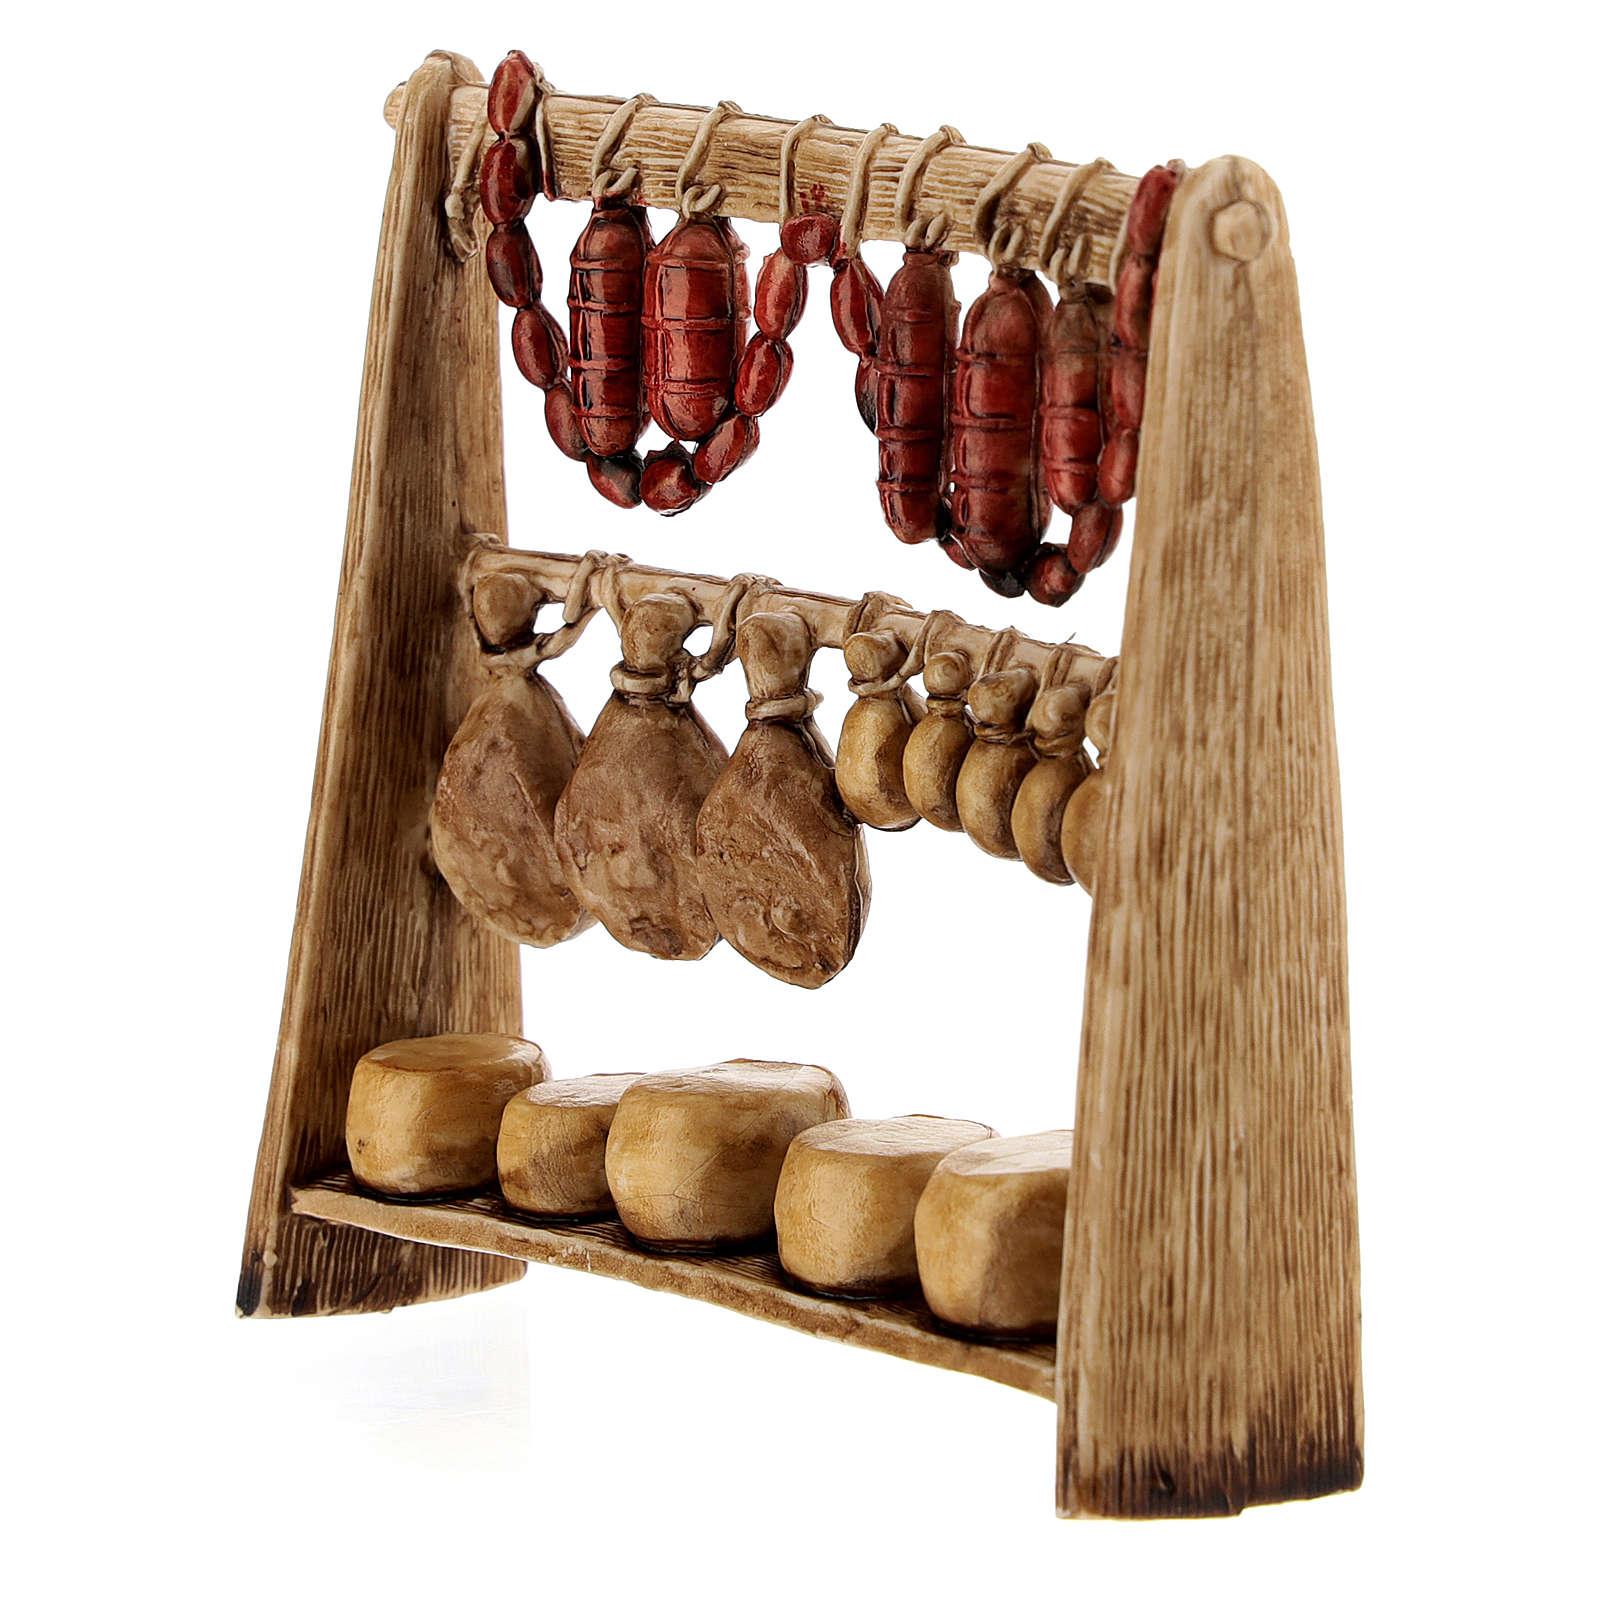 STOCK Mostrador embutidos y quesos Moranduzzo 6 cm 4